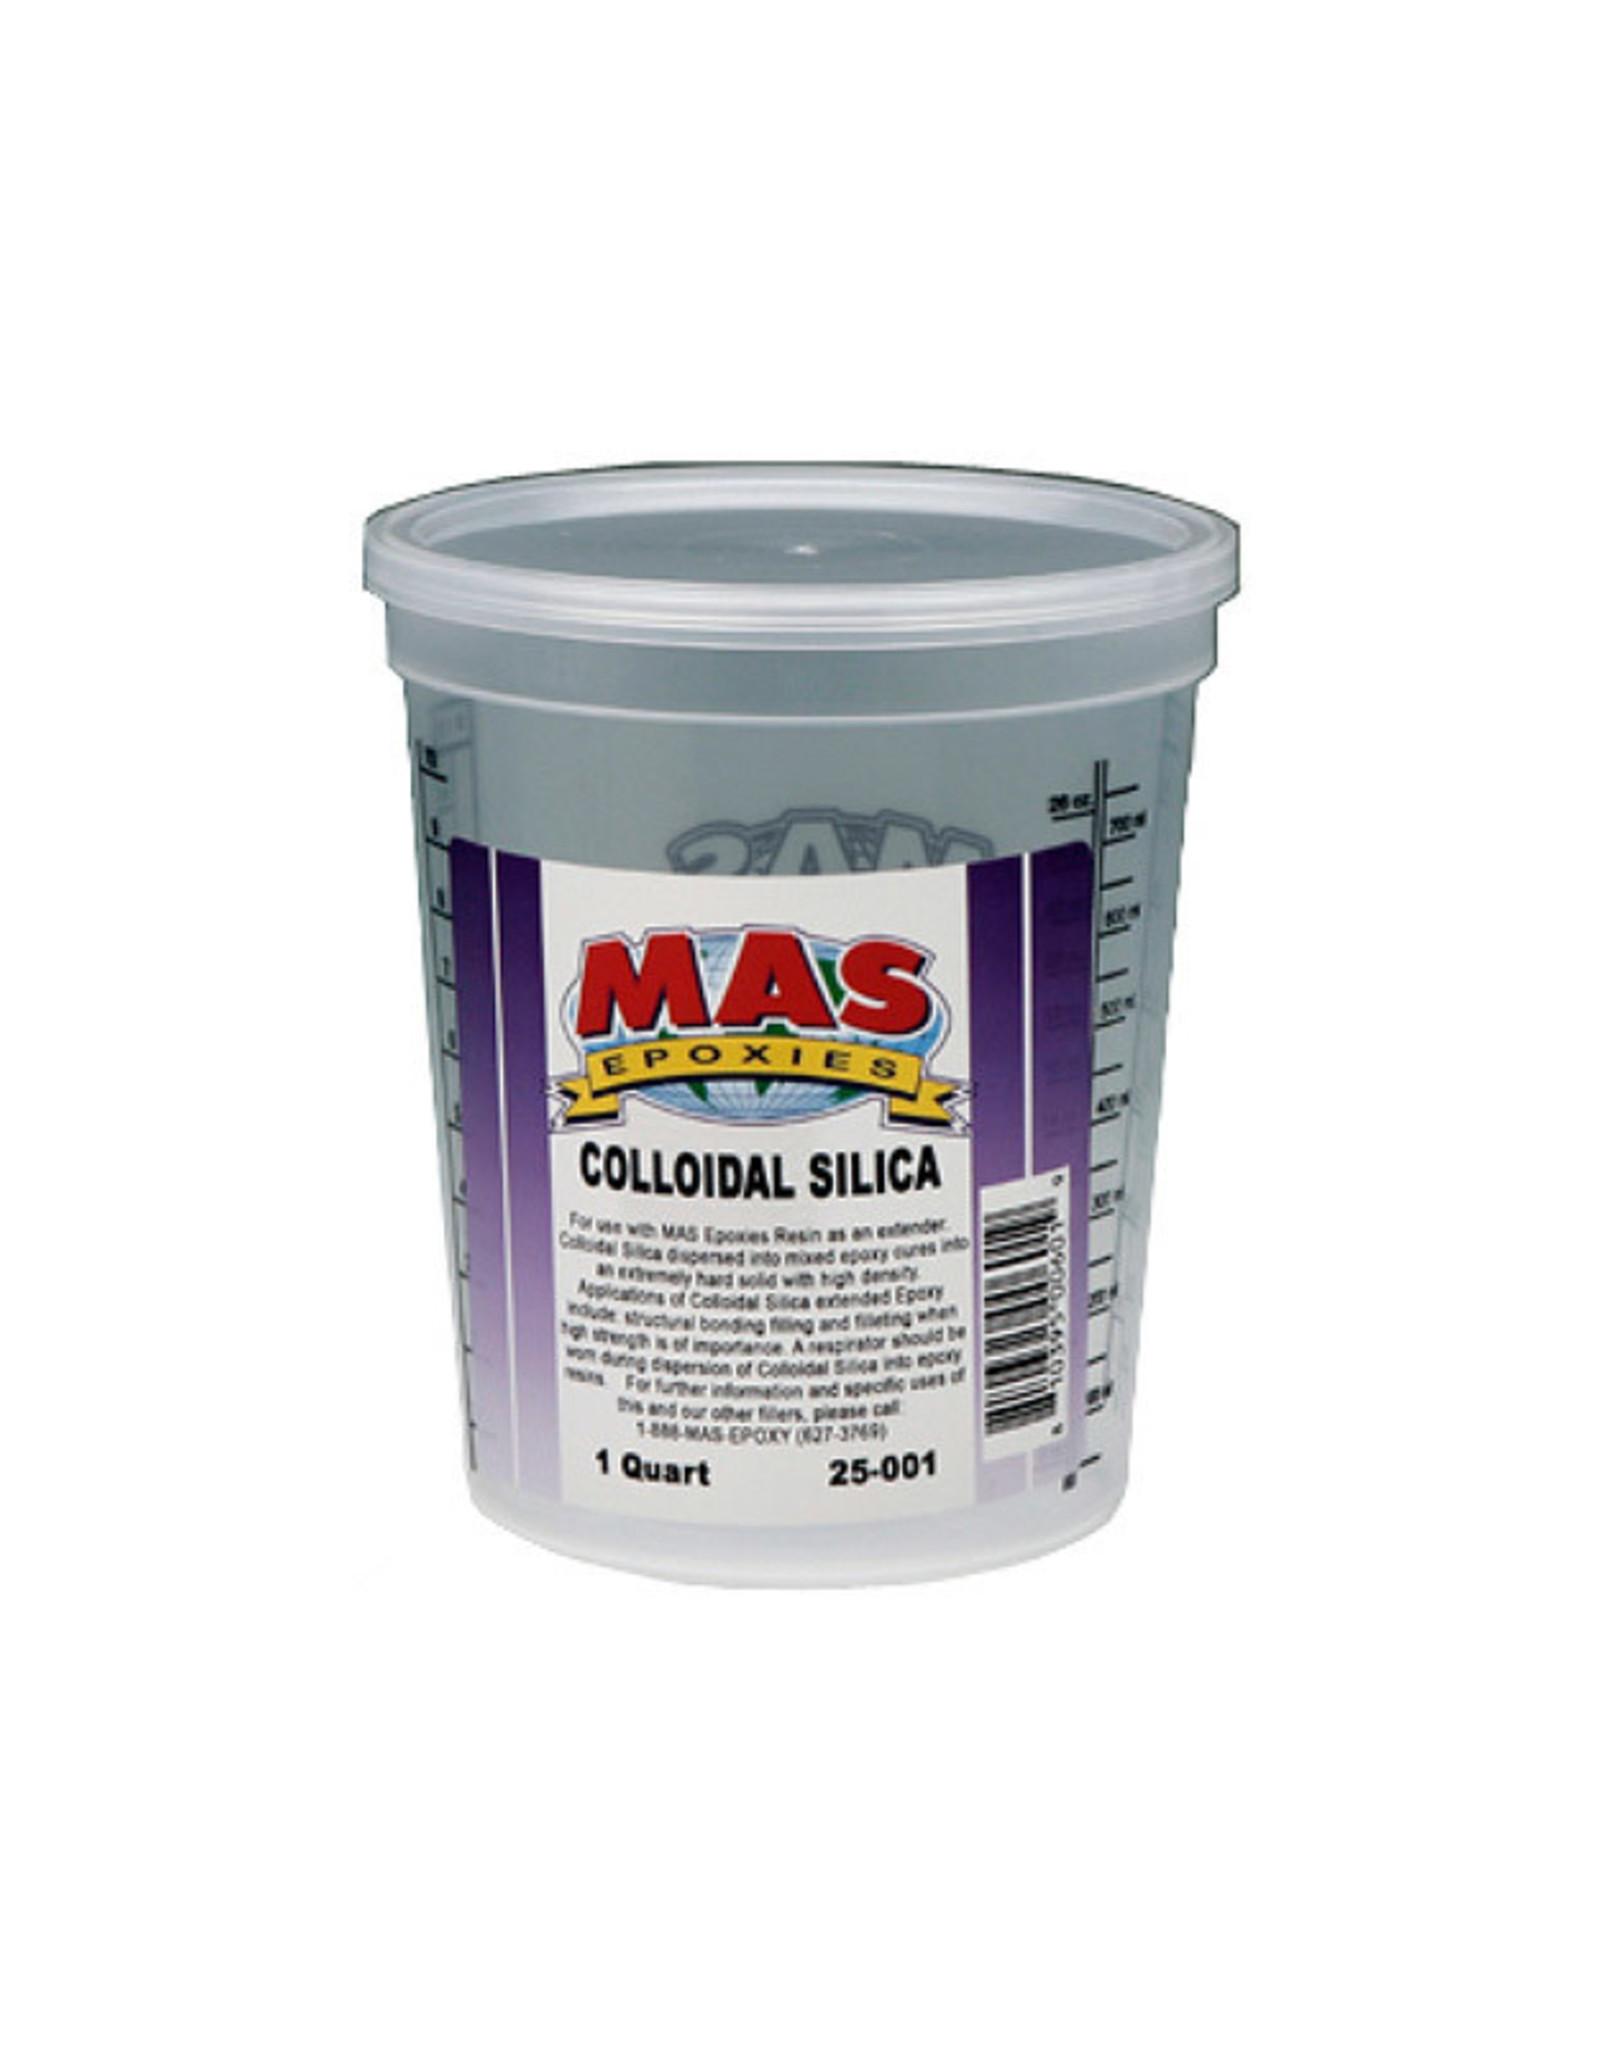 colloidal silica ca25-001 quart